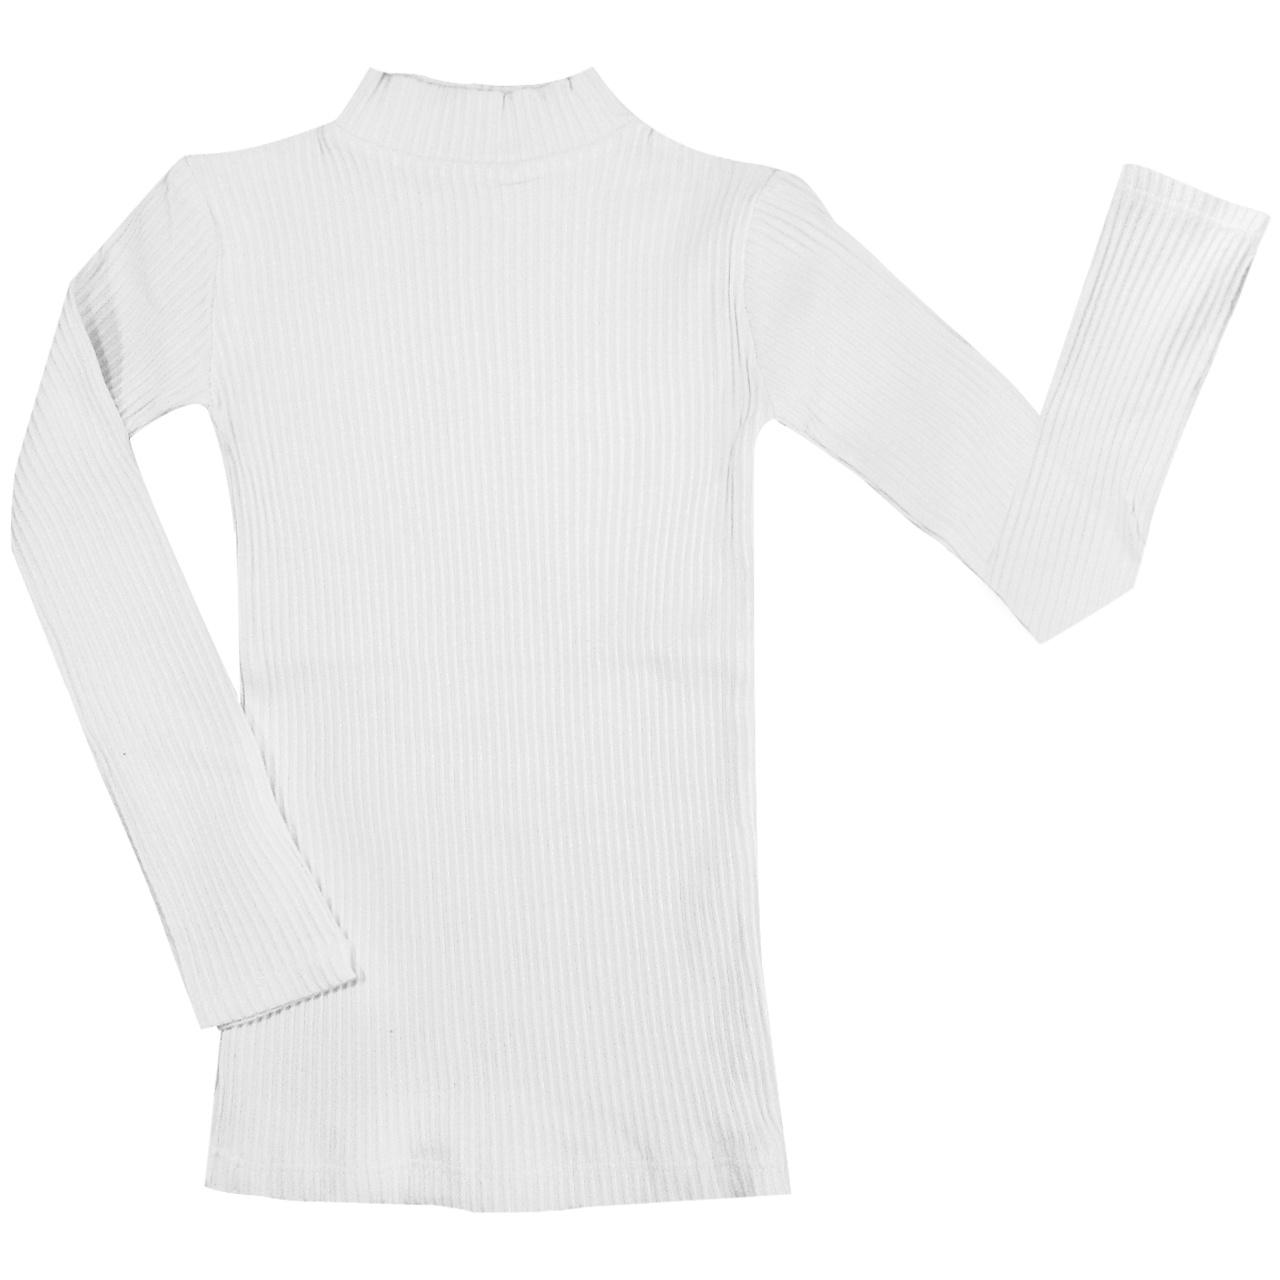 بلوز دخترانه مدل Matches رنگ سفید